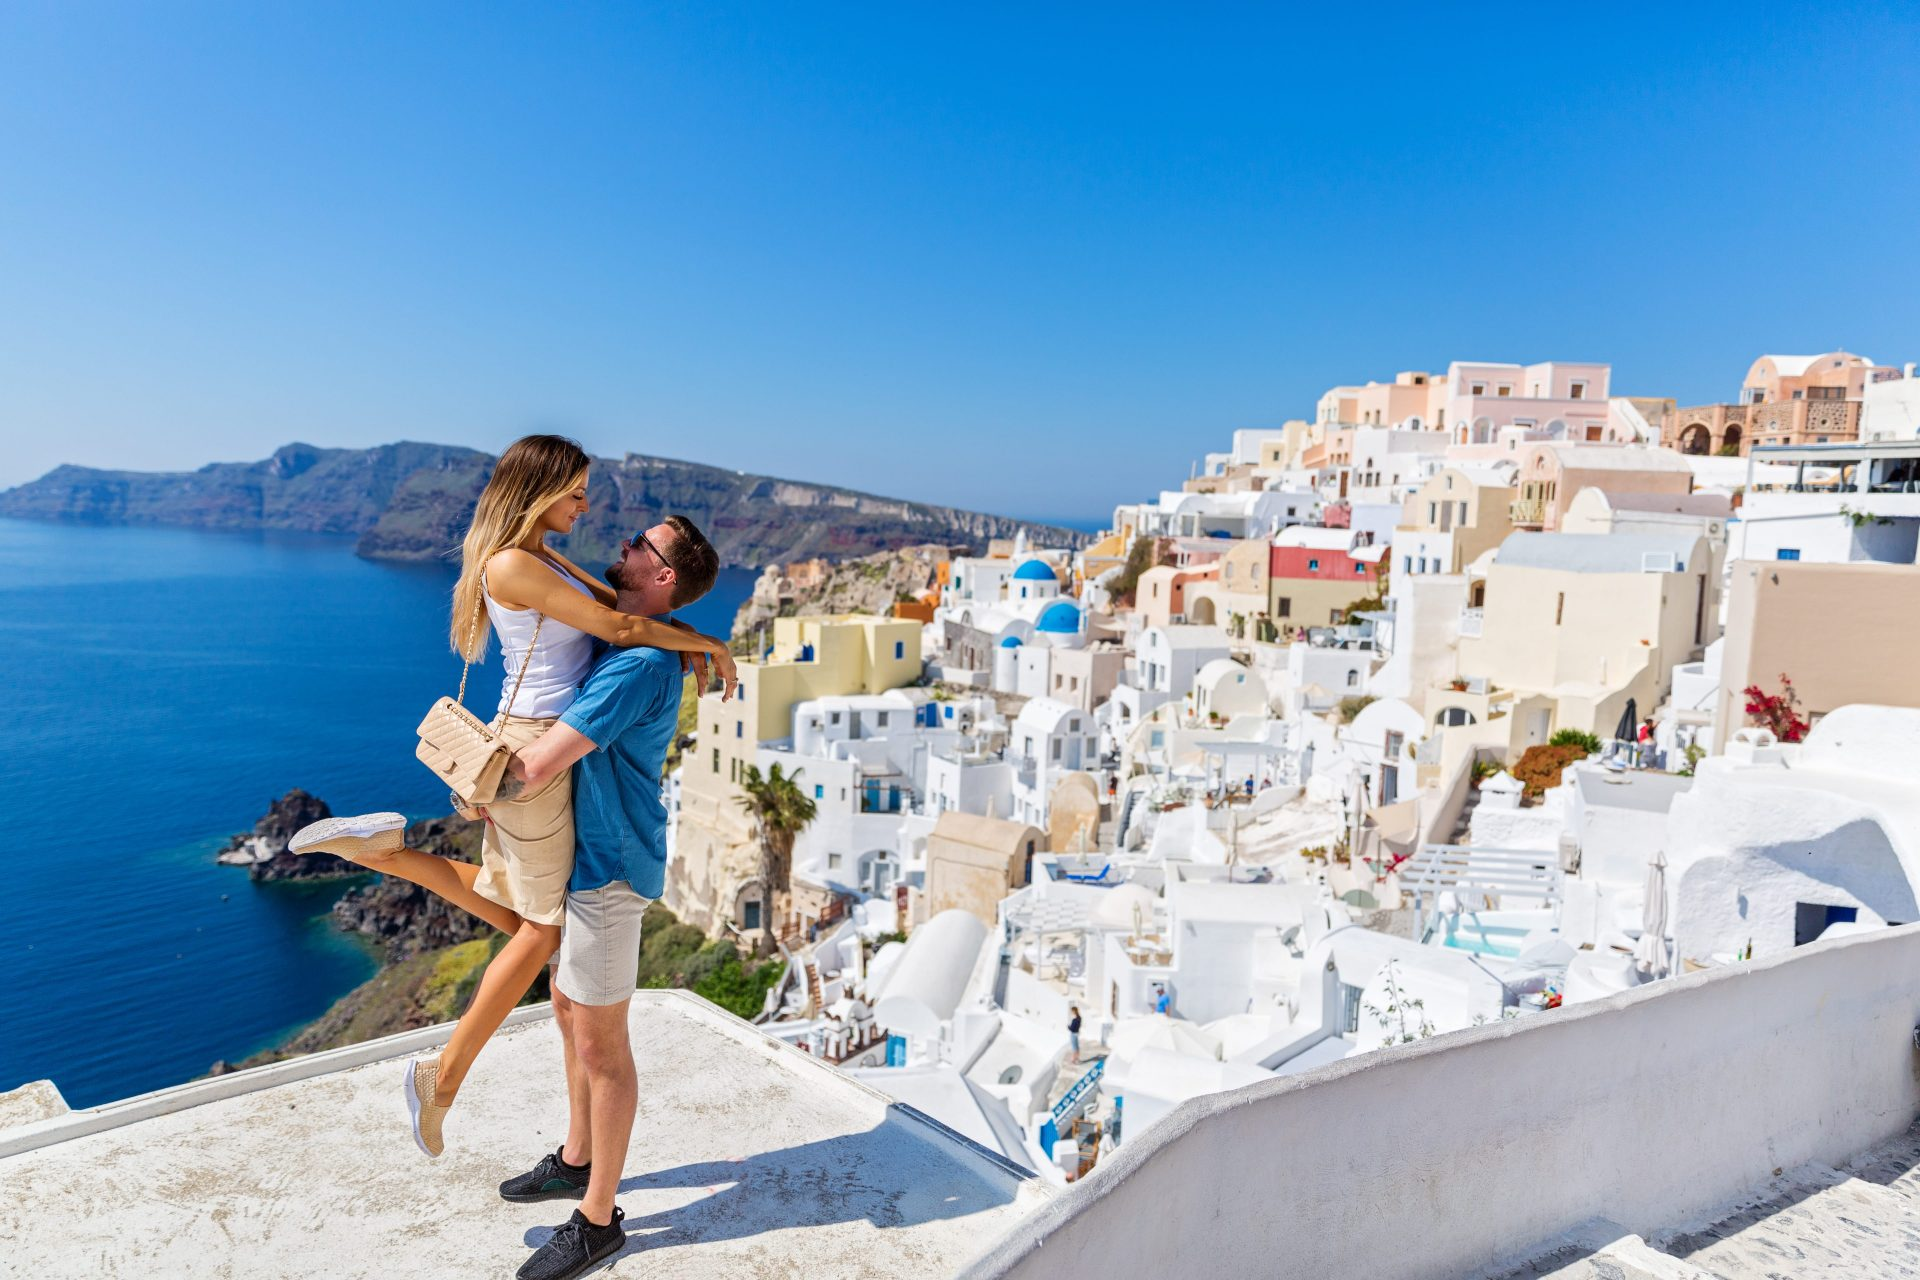 Vacanze-2021-in-Grecia-Santorini